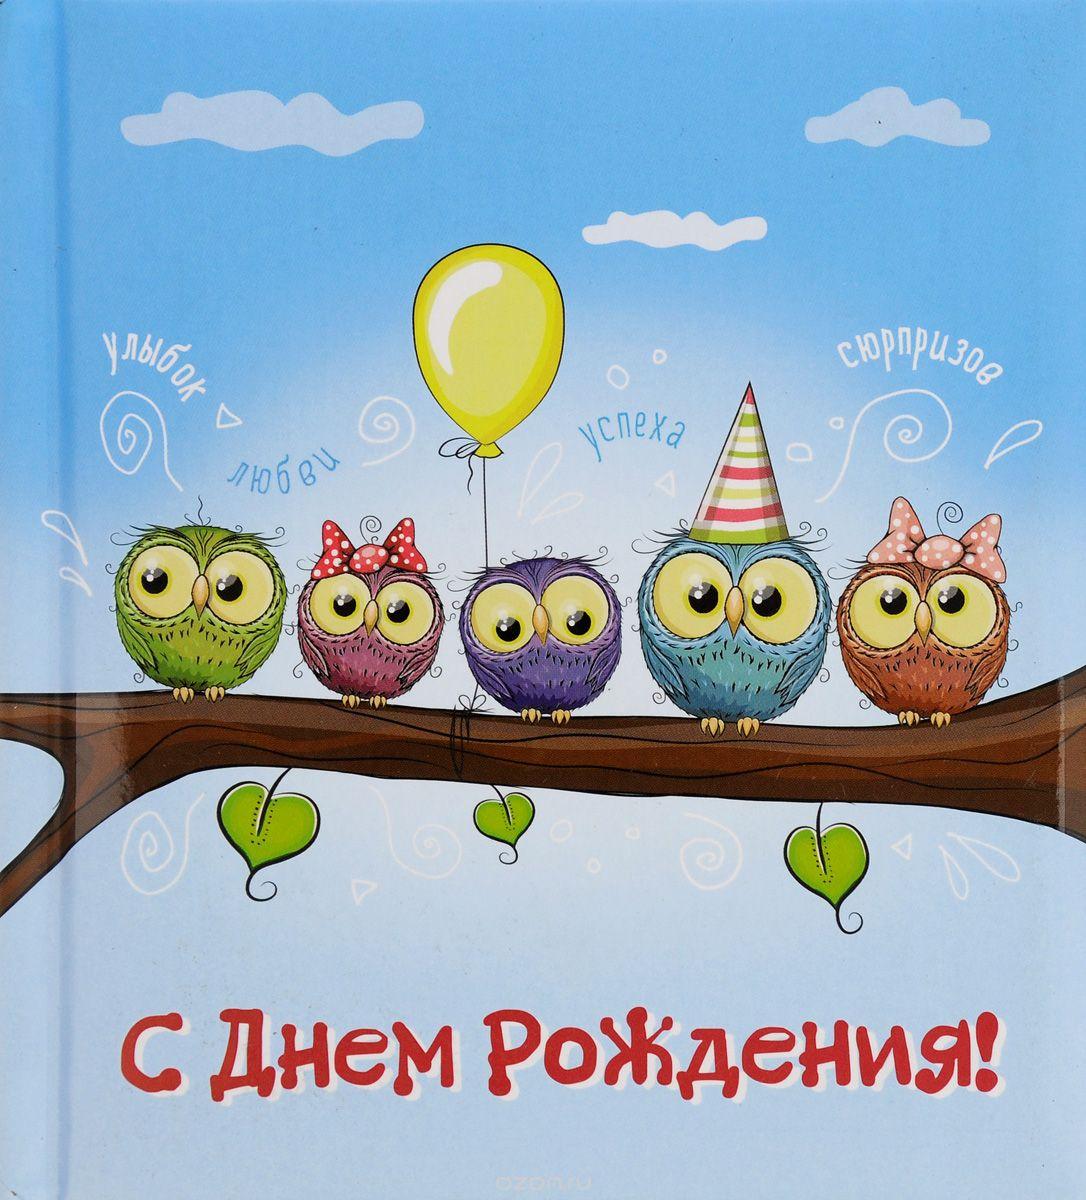 Поздравления с днем рождения без открытки